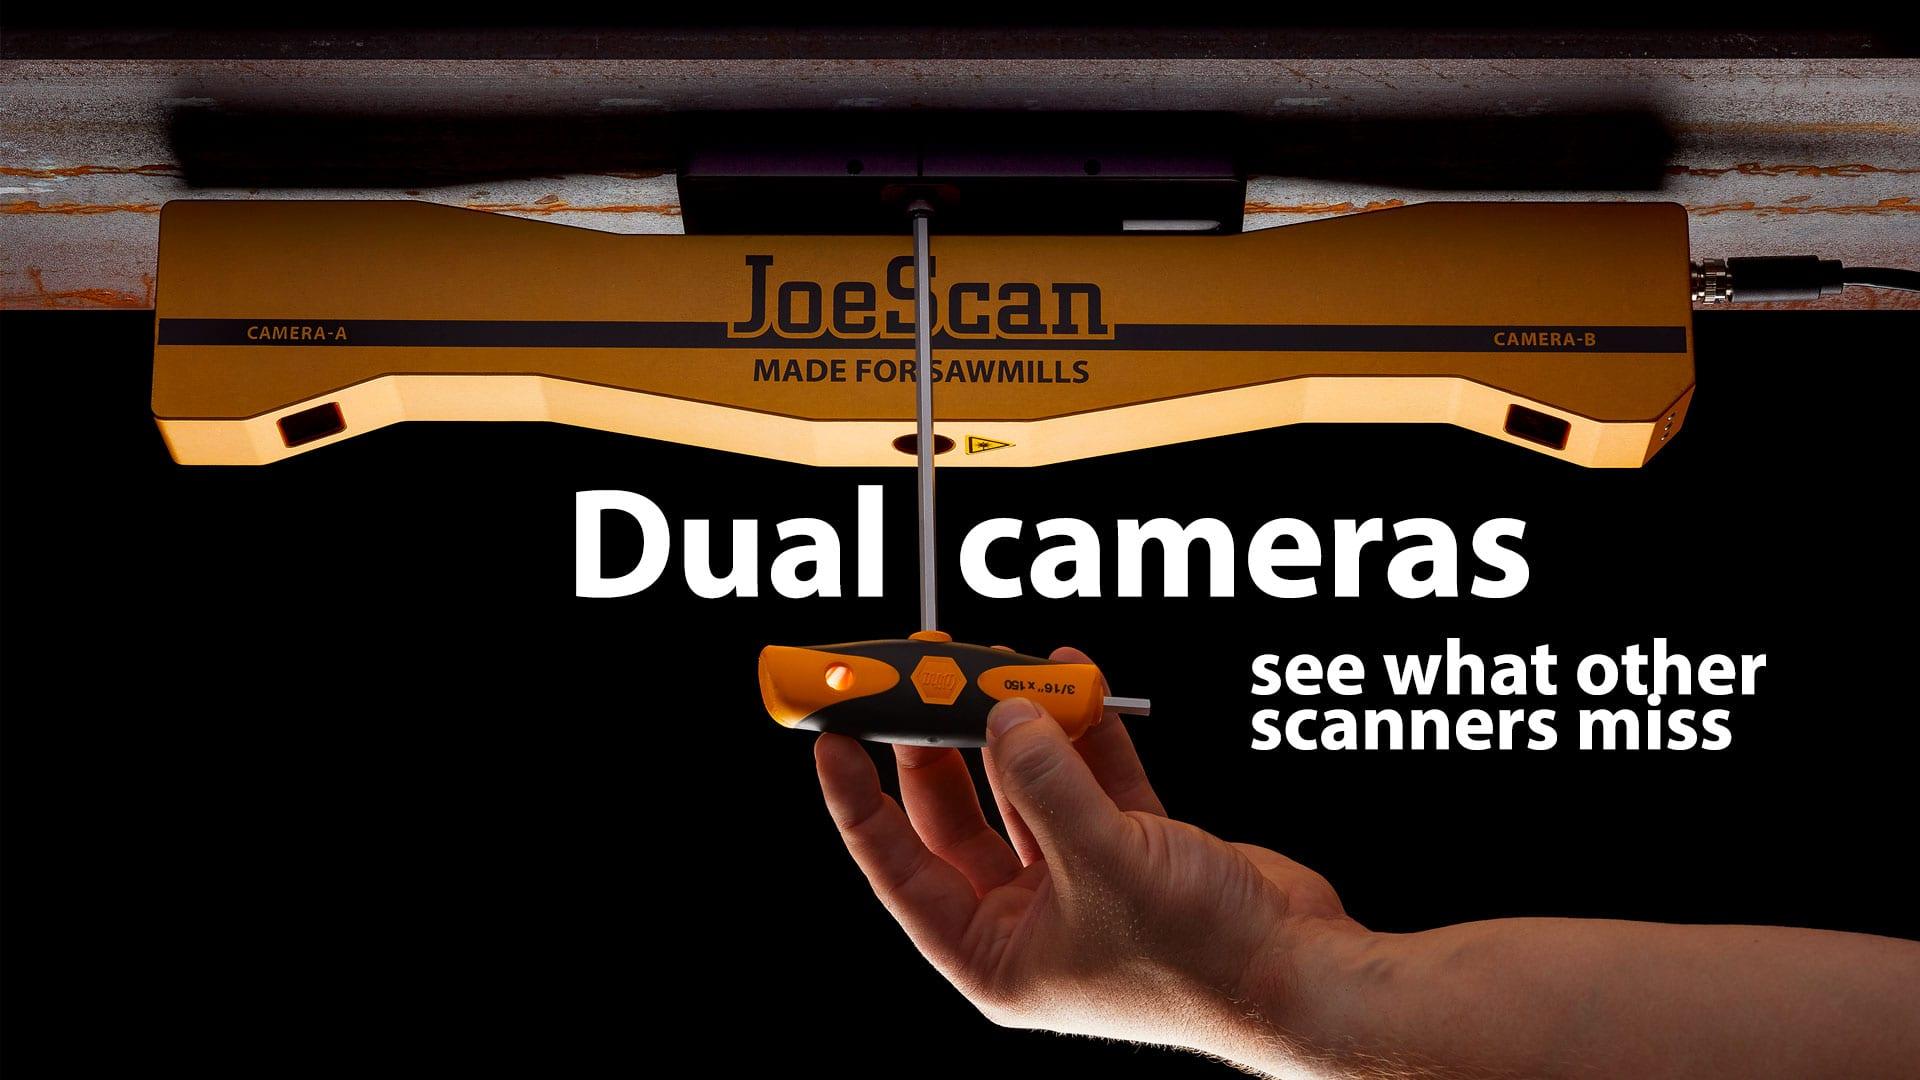 JS-50 WX Dual Cameras